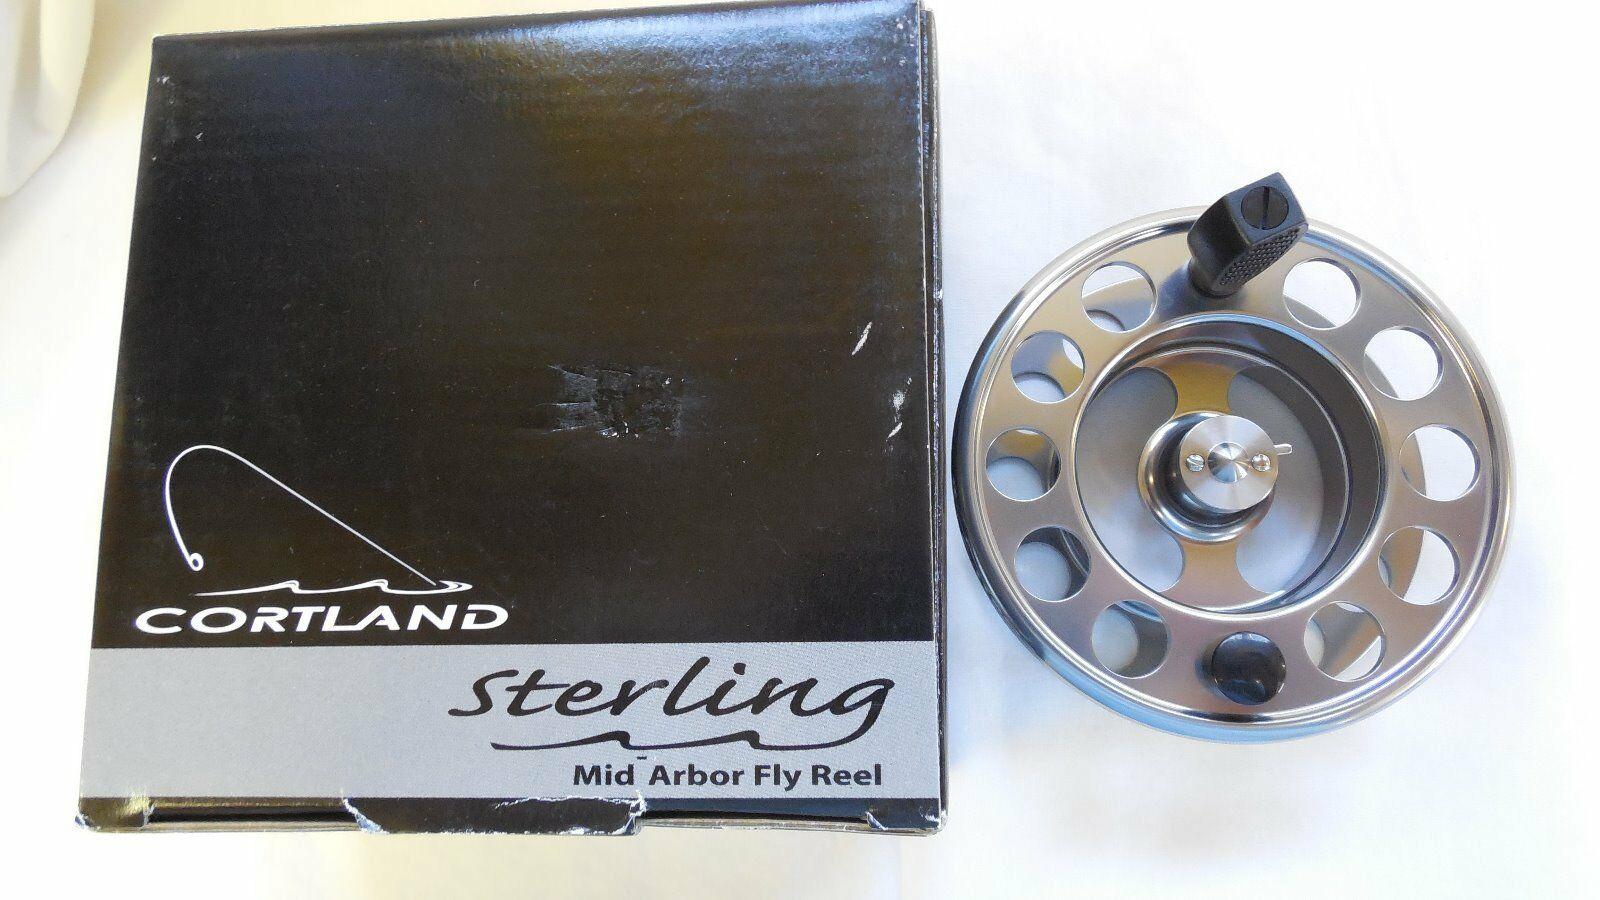 Cortland Sterling II fly spool